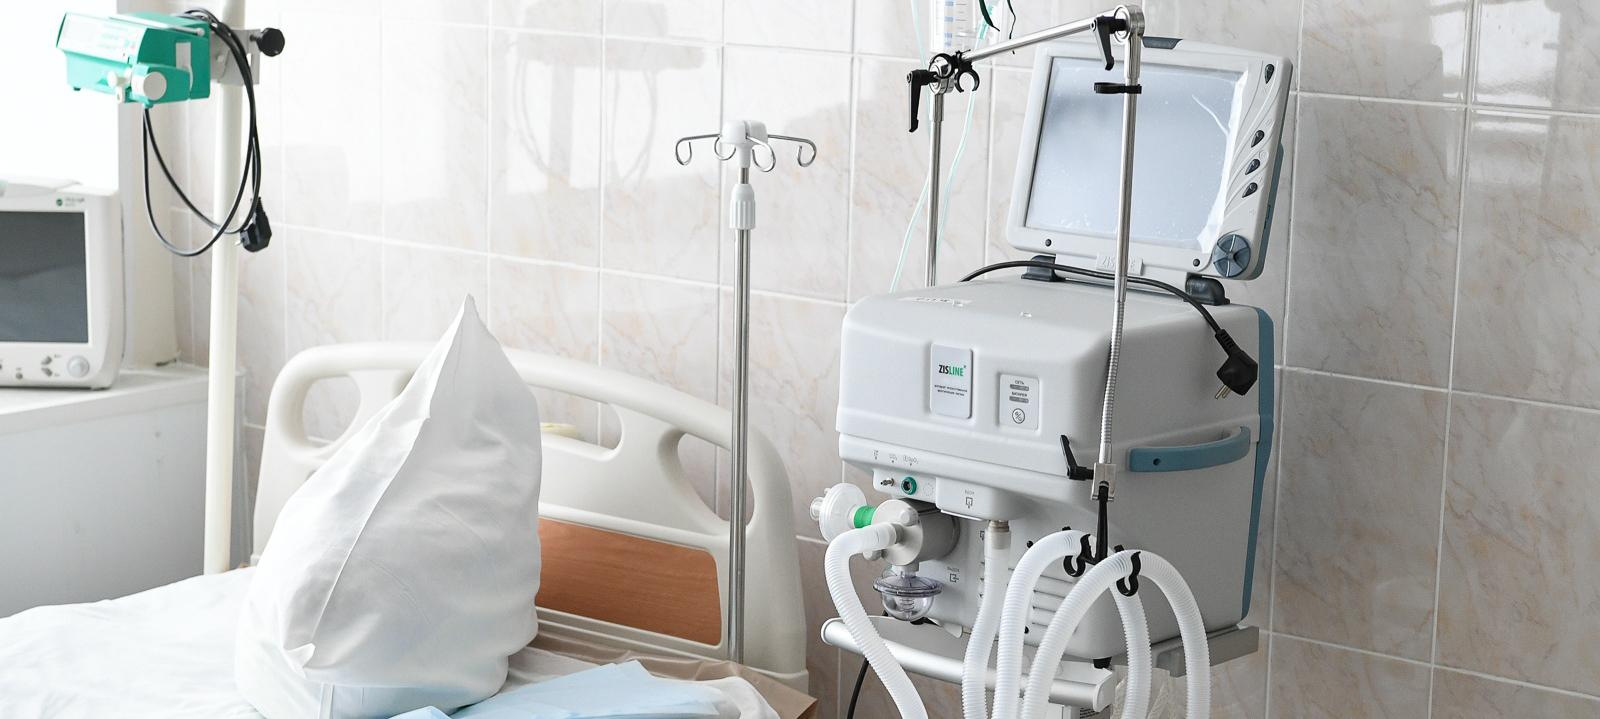 Четвертый заболевший коронавирусом выявлен в Карелии